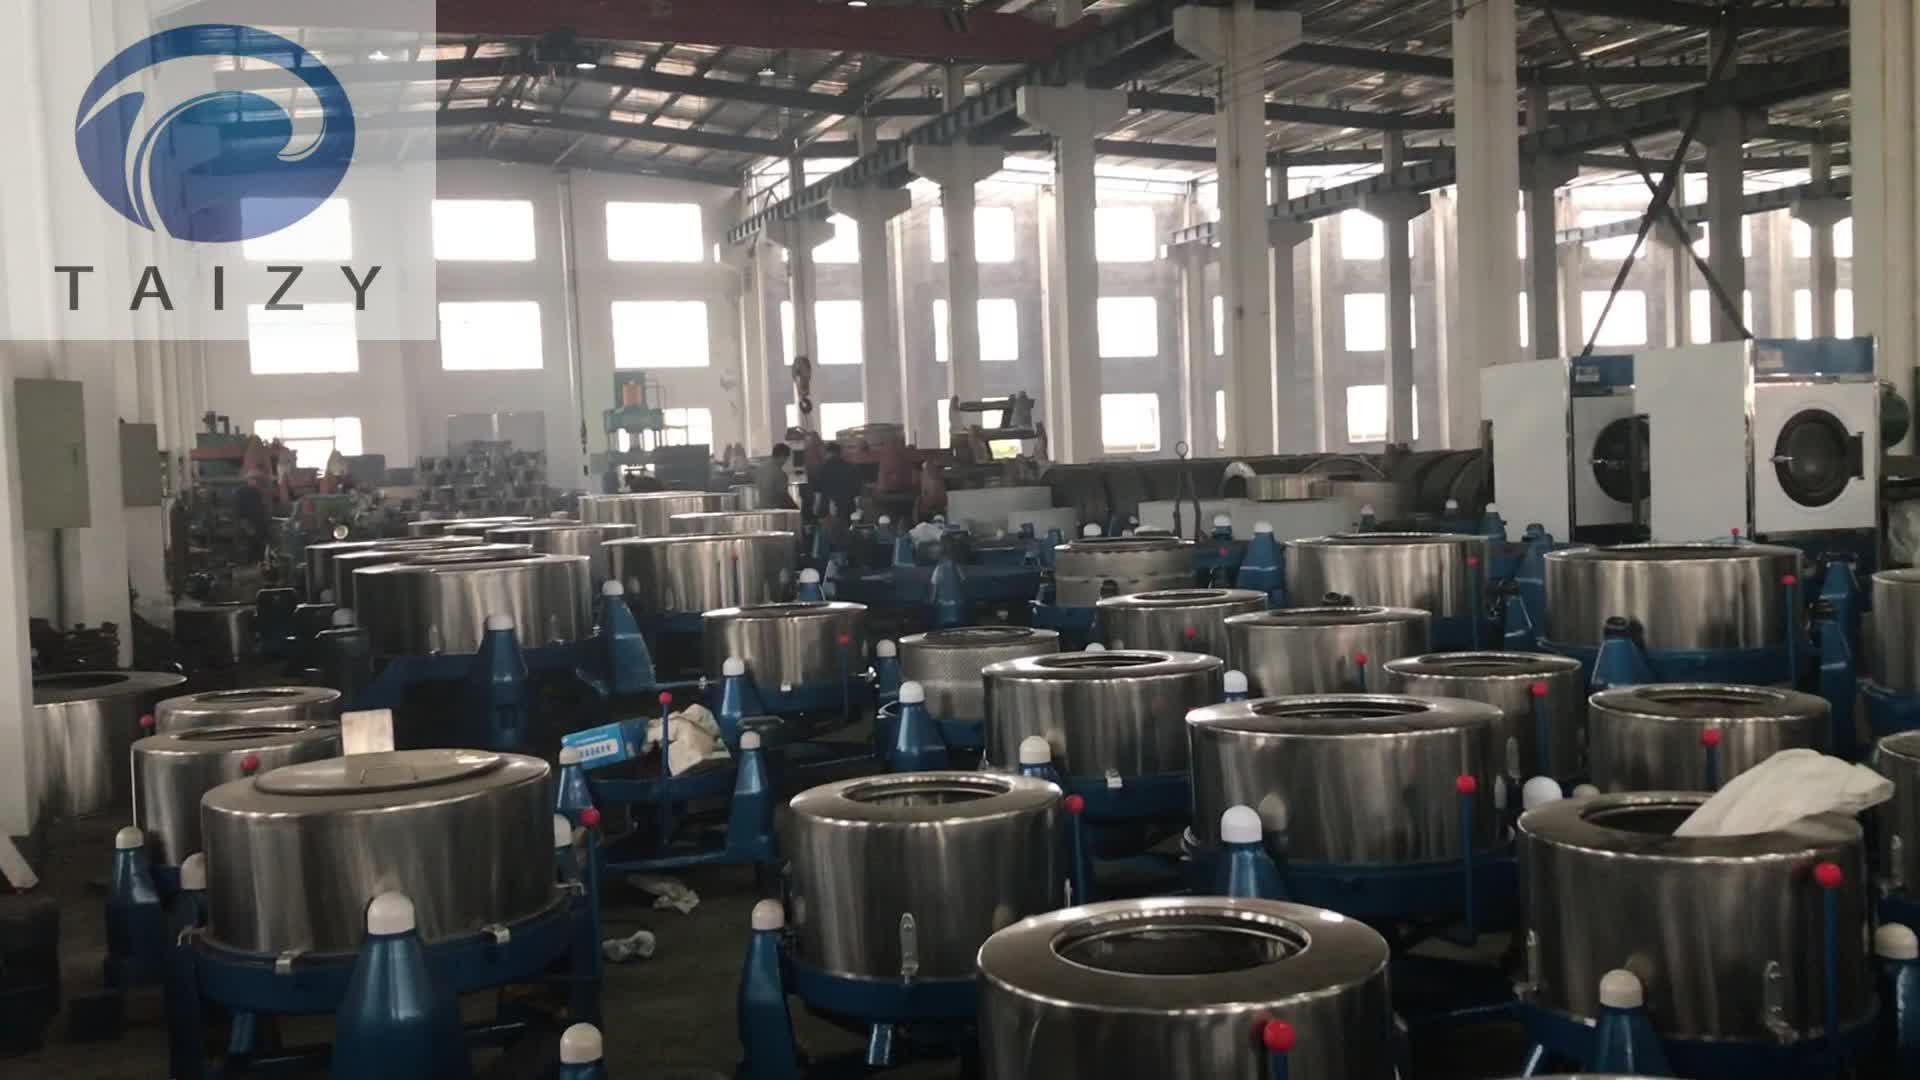 Kaz tüyü kurutucu endüstriyel kurutma makinesi çamaşır makinesi ginned pamuk temizleme makinesi